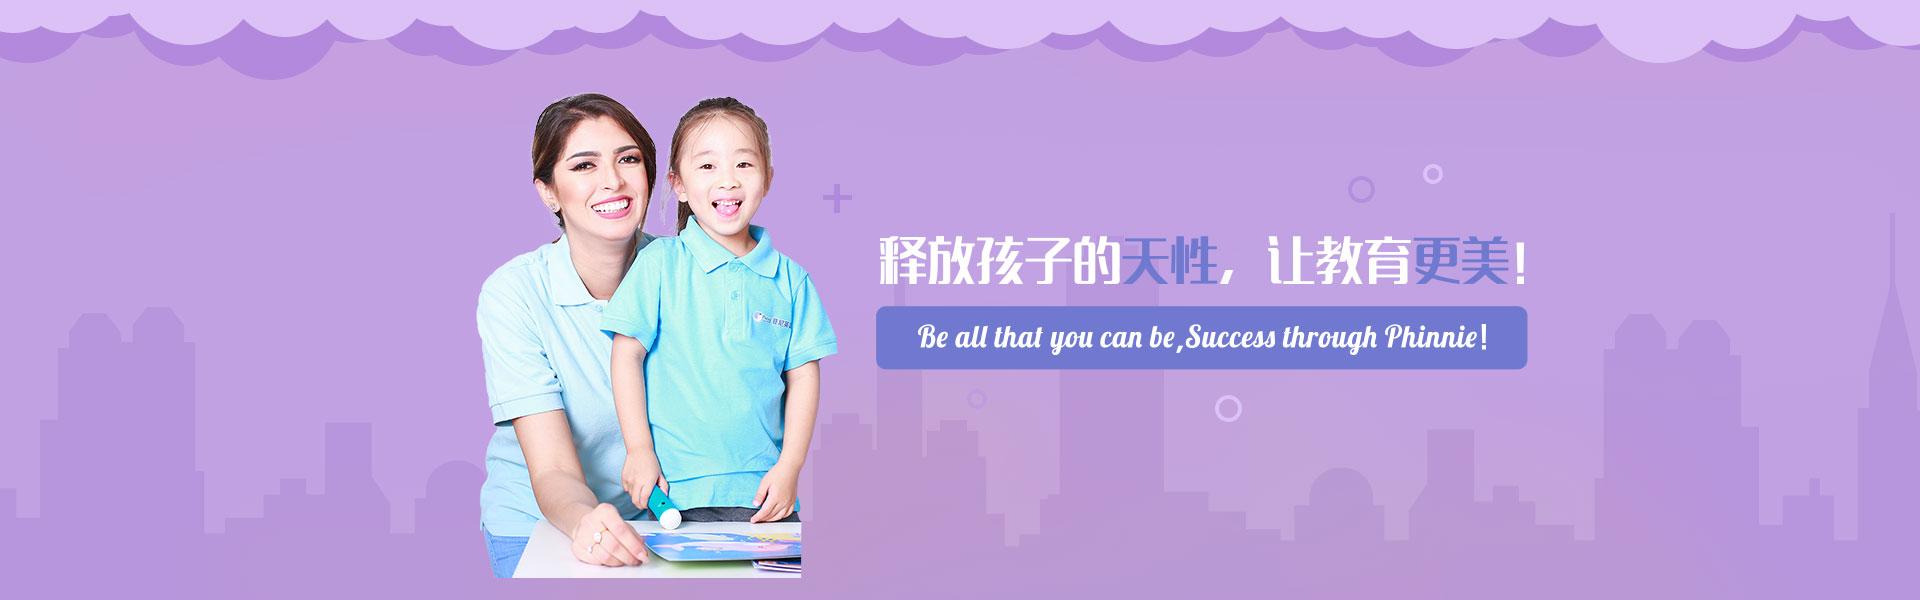 北京昌平区少儿英语培训